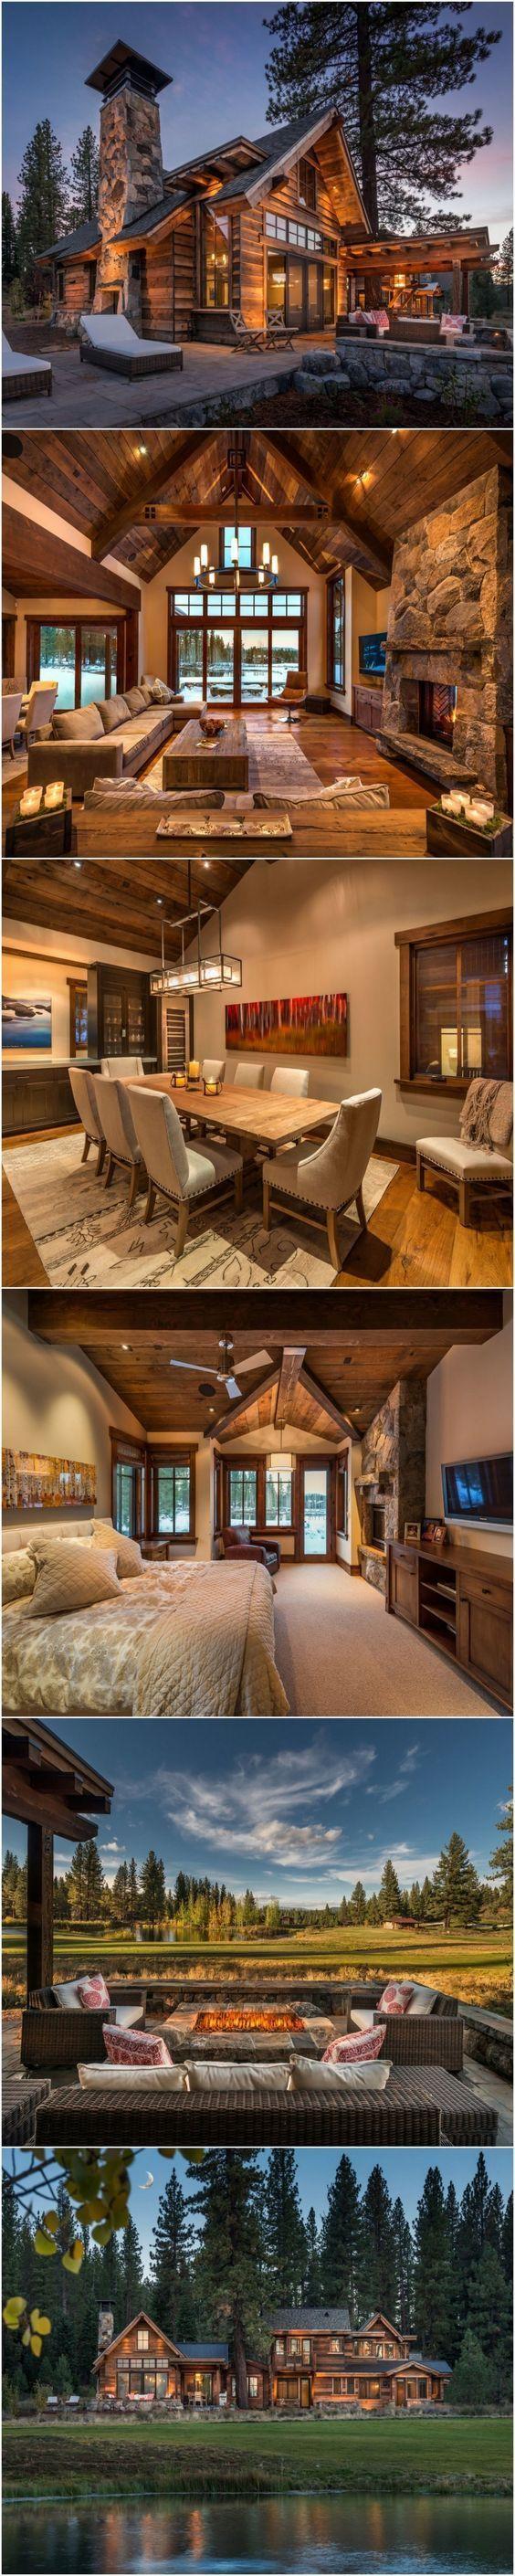 inspirational interior design ideas for living room design bedroom design kitchen design and the - Custom Home Design Ideas